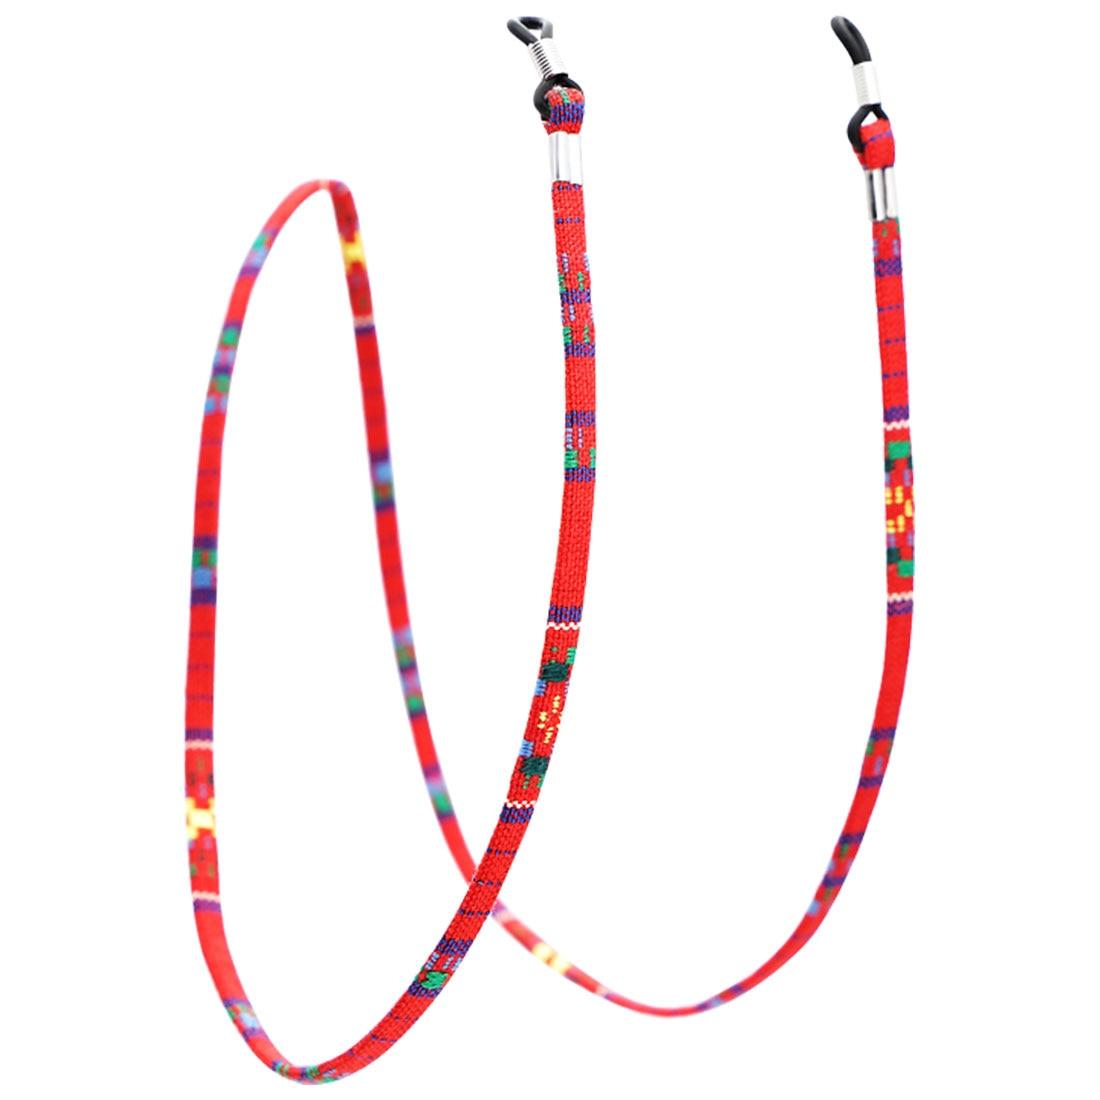 1 шт., 6 цветов, кожаный шнурок для очков, регулируемый конец, держатель для очков, красочные кожаные очки, шейный ремешок, веревка, ремешок - Цвет: 2